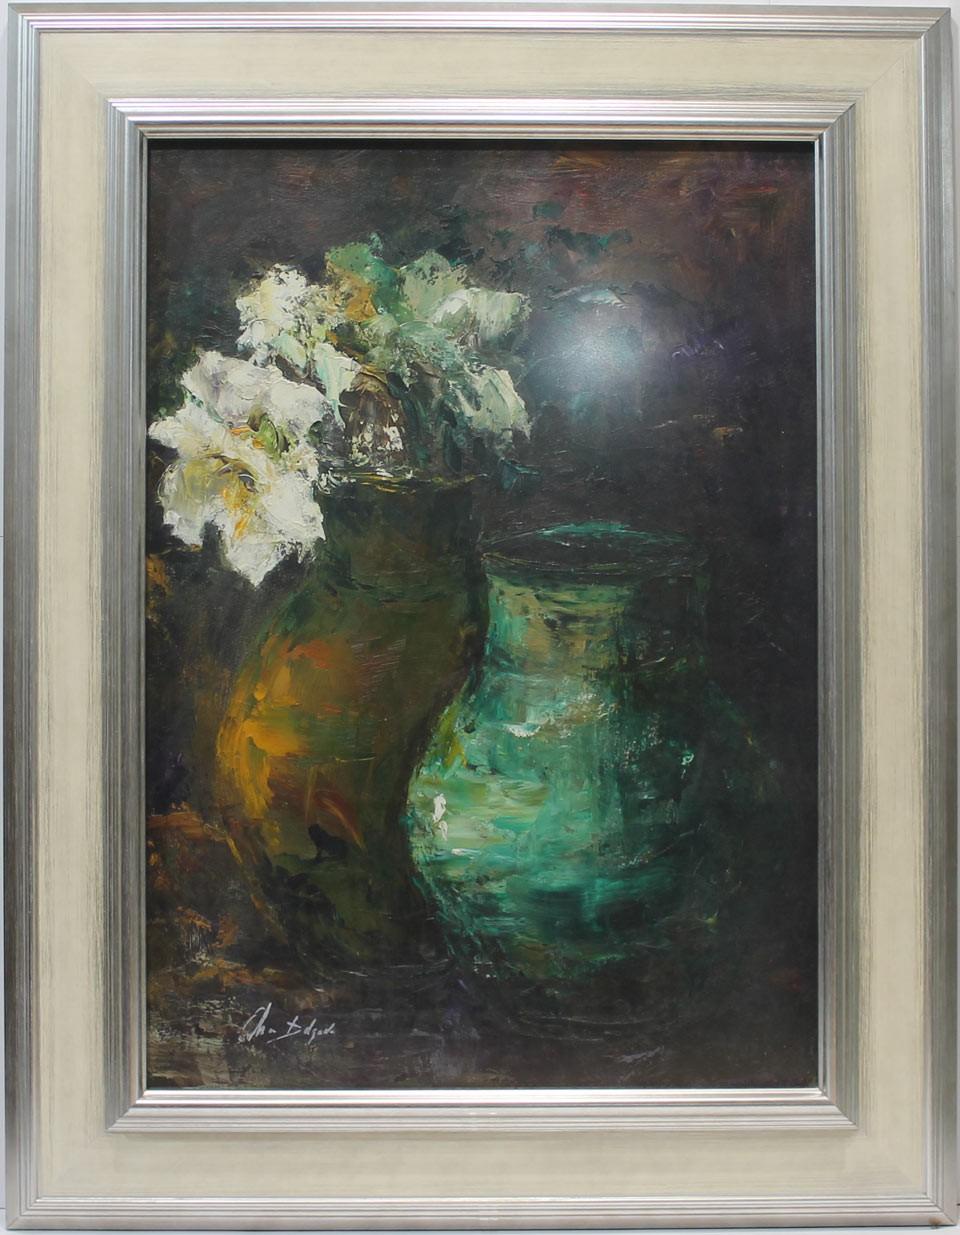 Ana Delgado: Cerámica y flores blancas